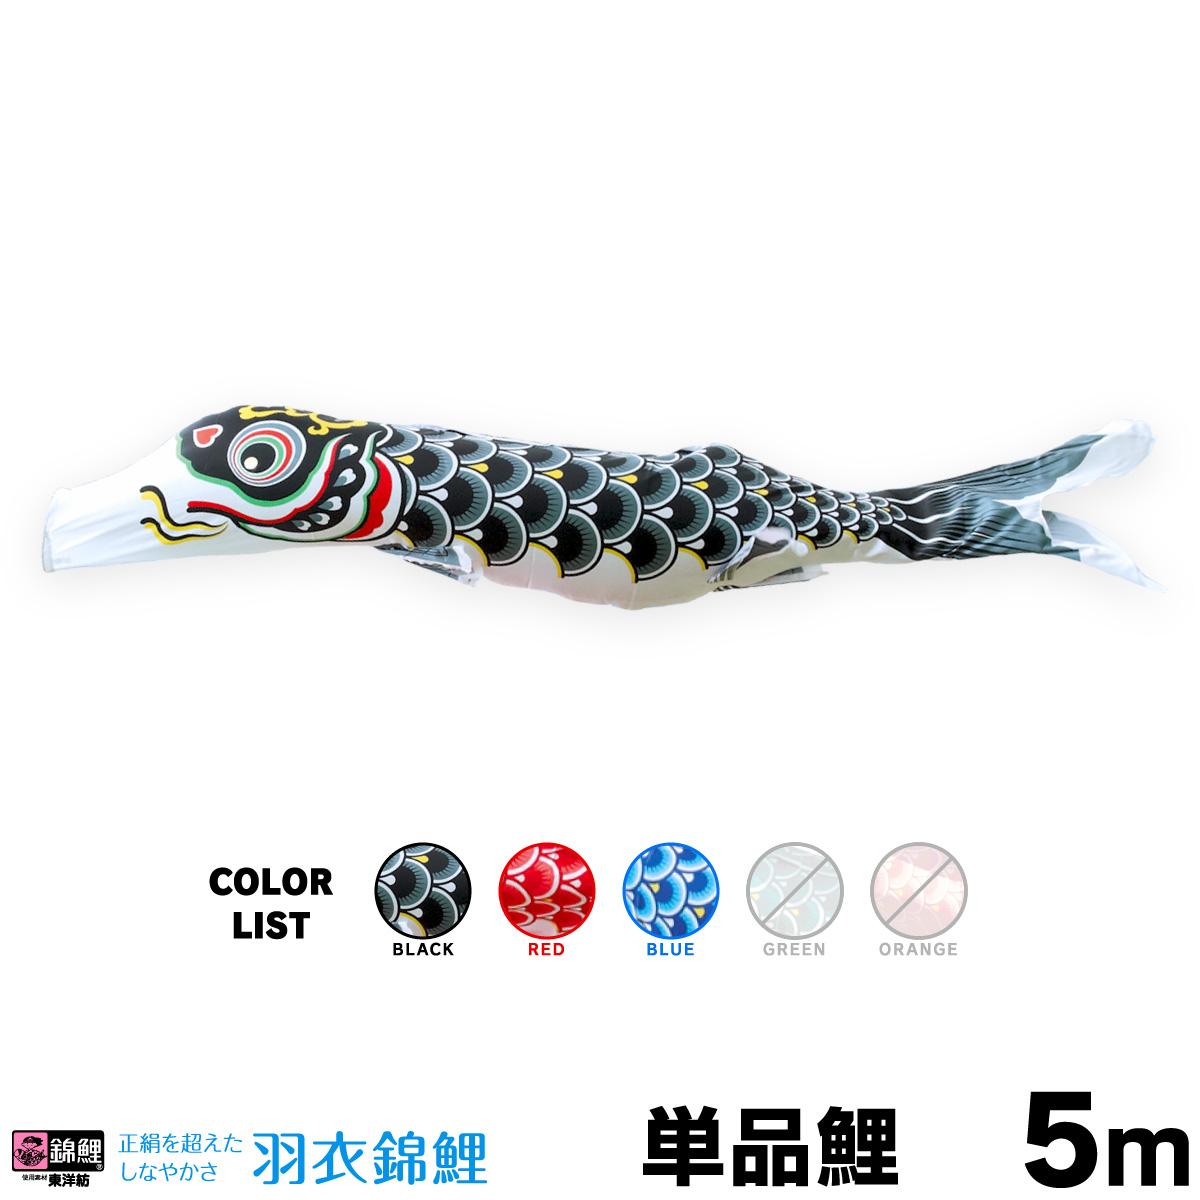 【こいのぼり 単品】 羽衣錦鯉 5m 単品鯉